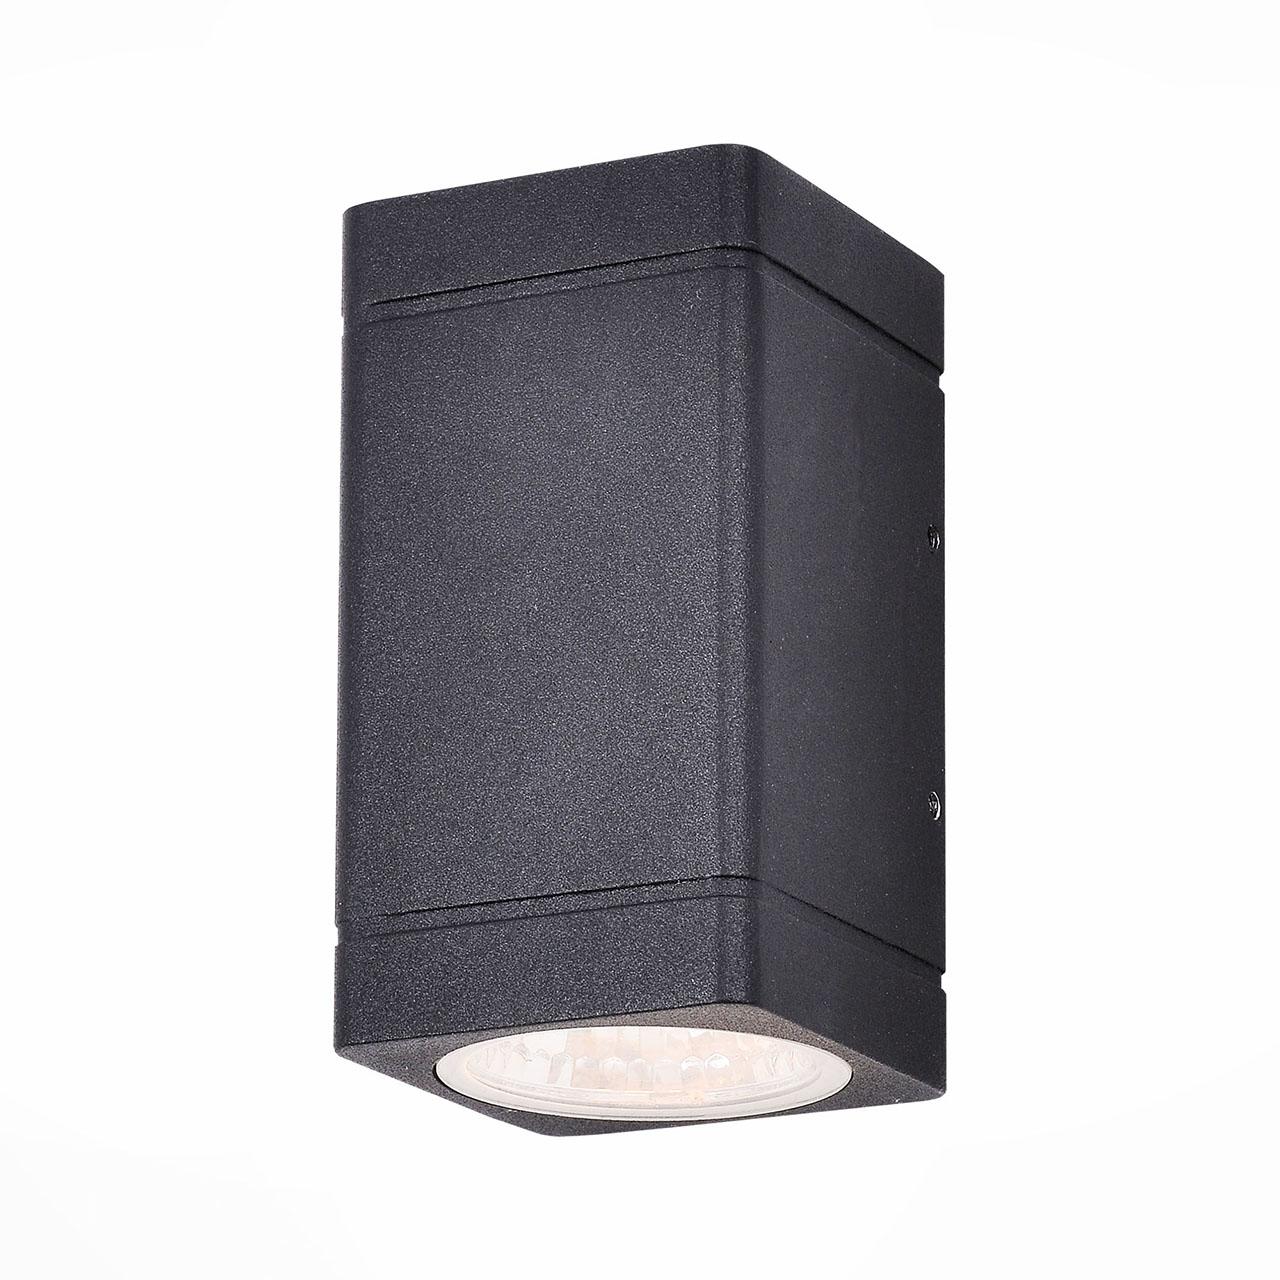 Уличный настенный светодиодный светильник st Luce Coctobus